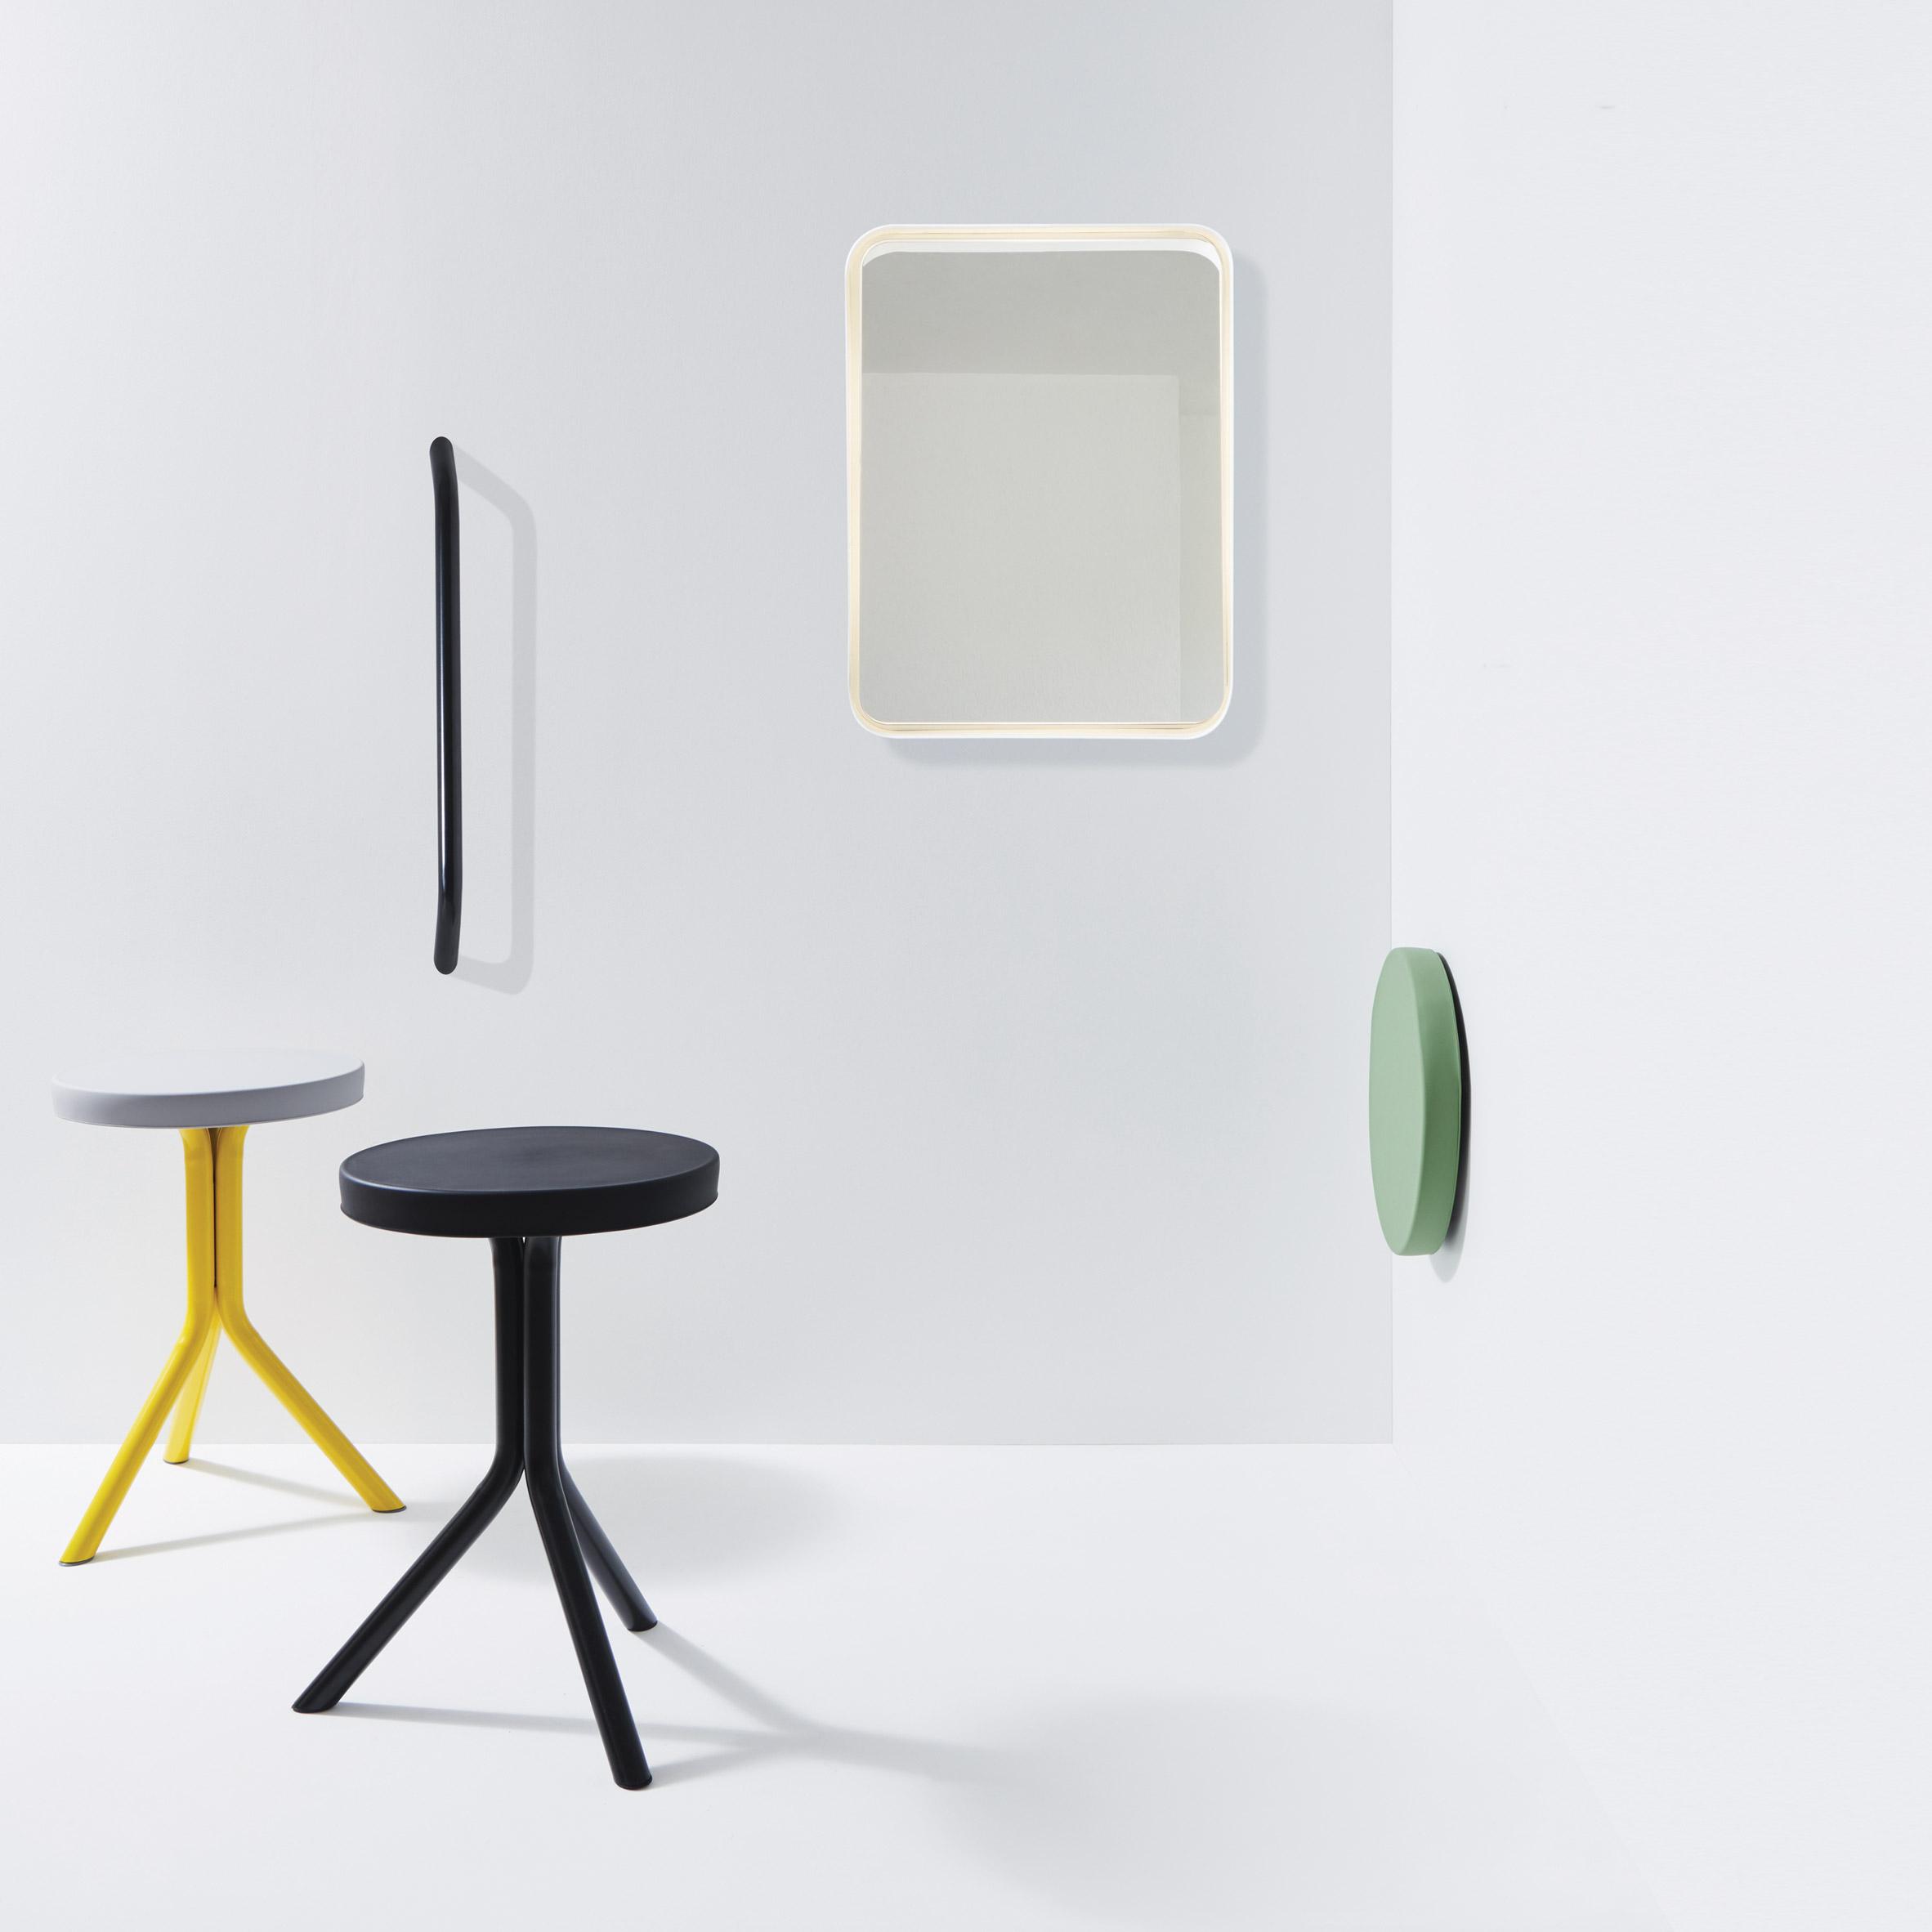 Dezeen's top 10 accessible designs of 2019